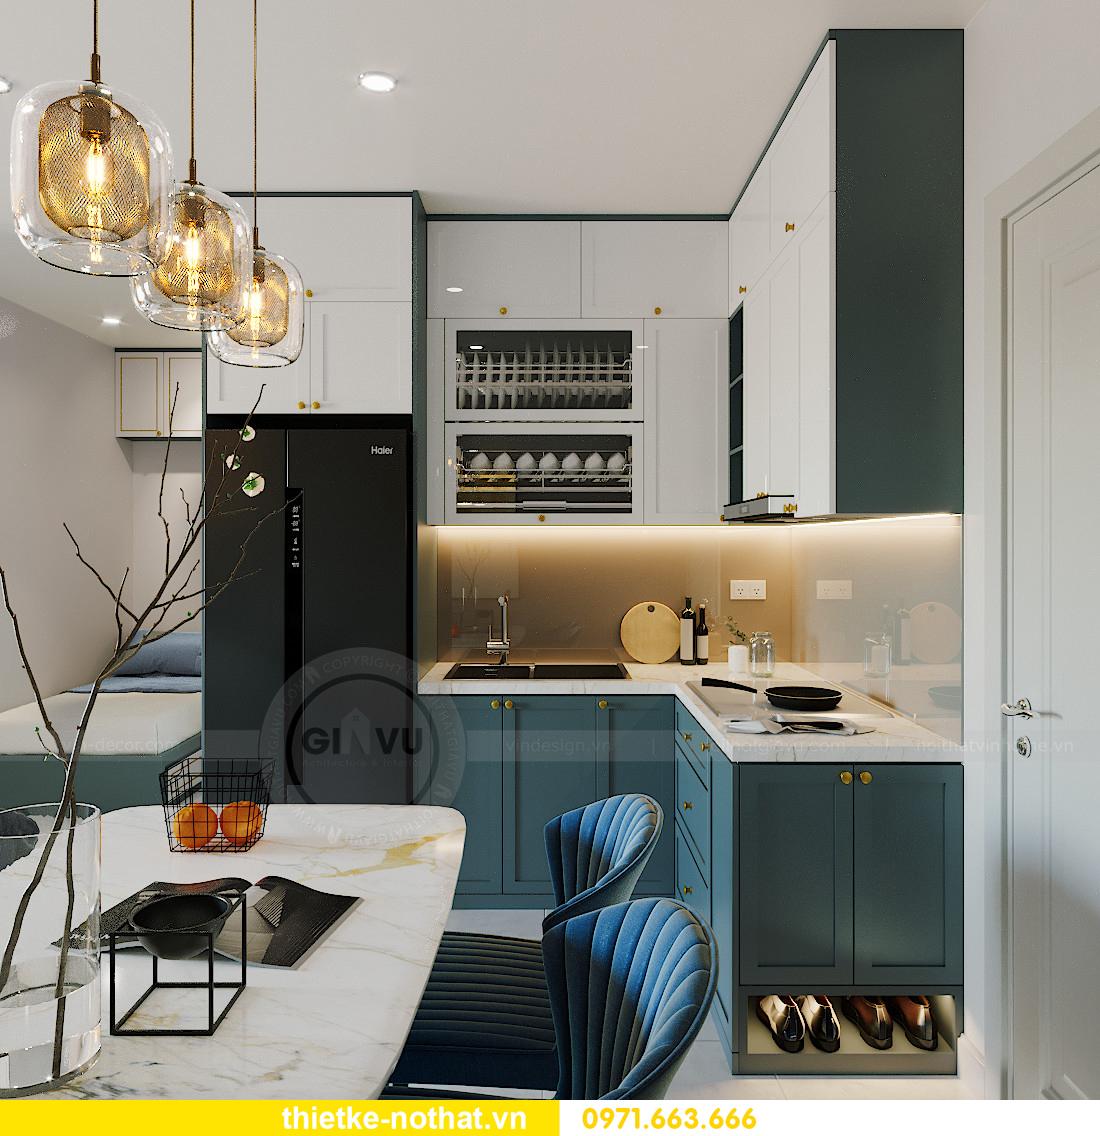 mẫu thiết kế nội thất căn hộ Smart City tòa S201 căn 18 1